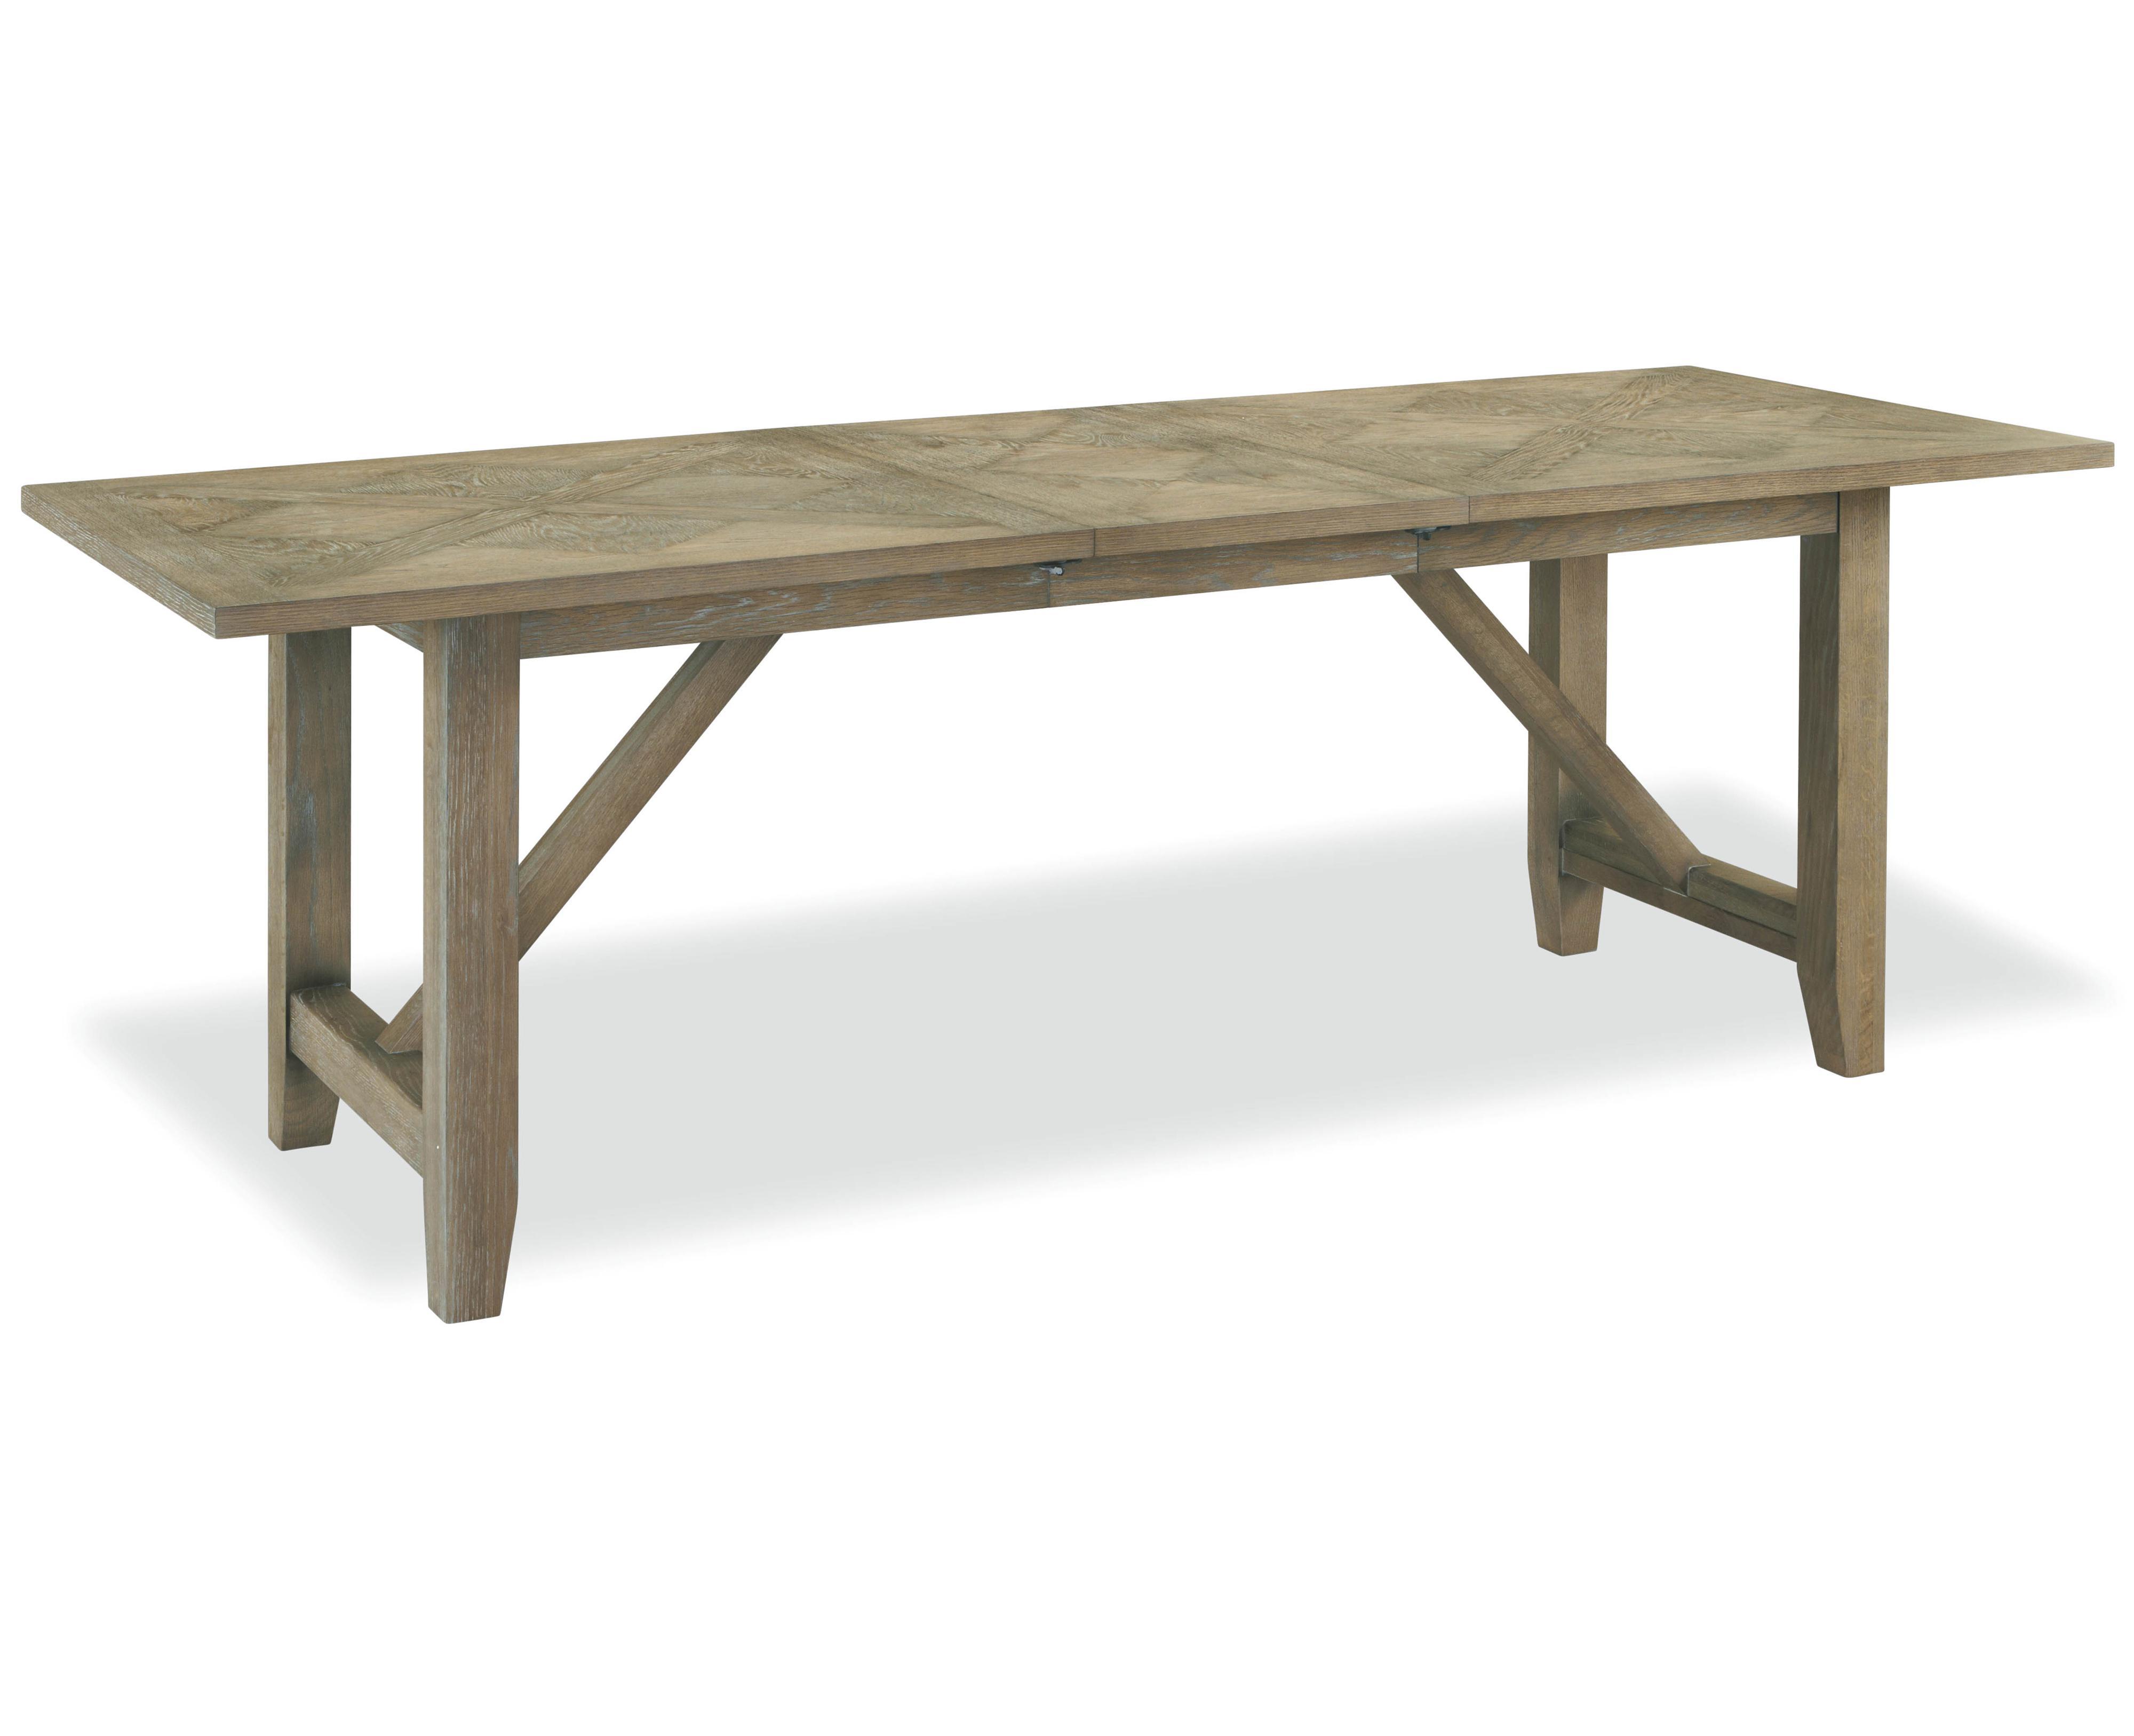 9 Piece Kitchen Table Set - Castrophotos